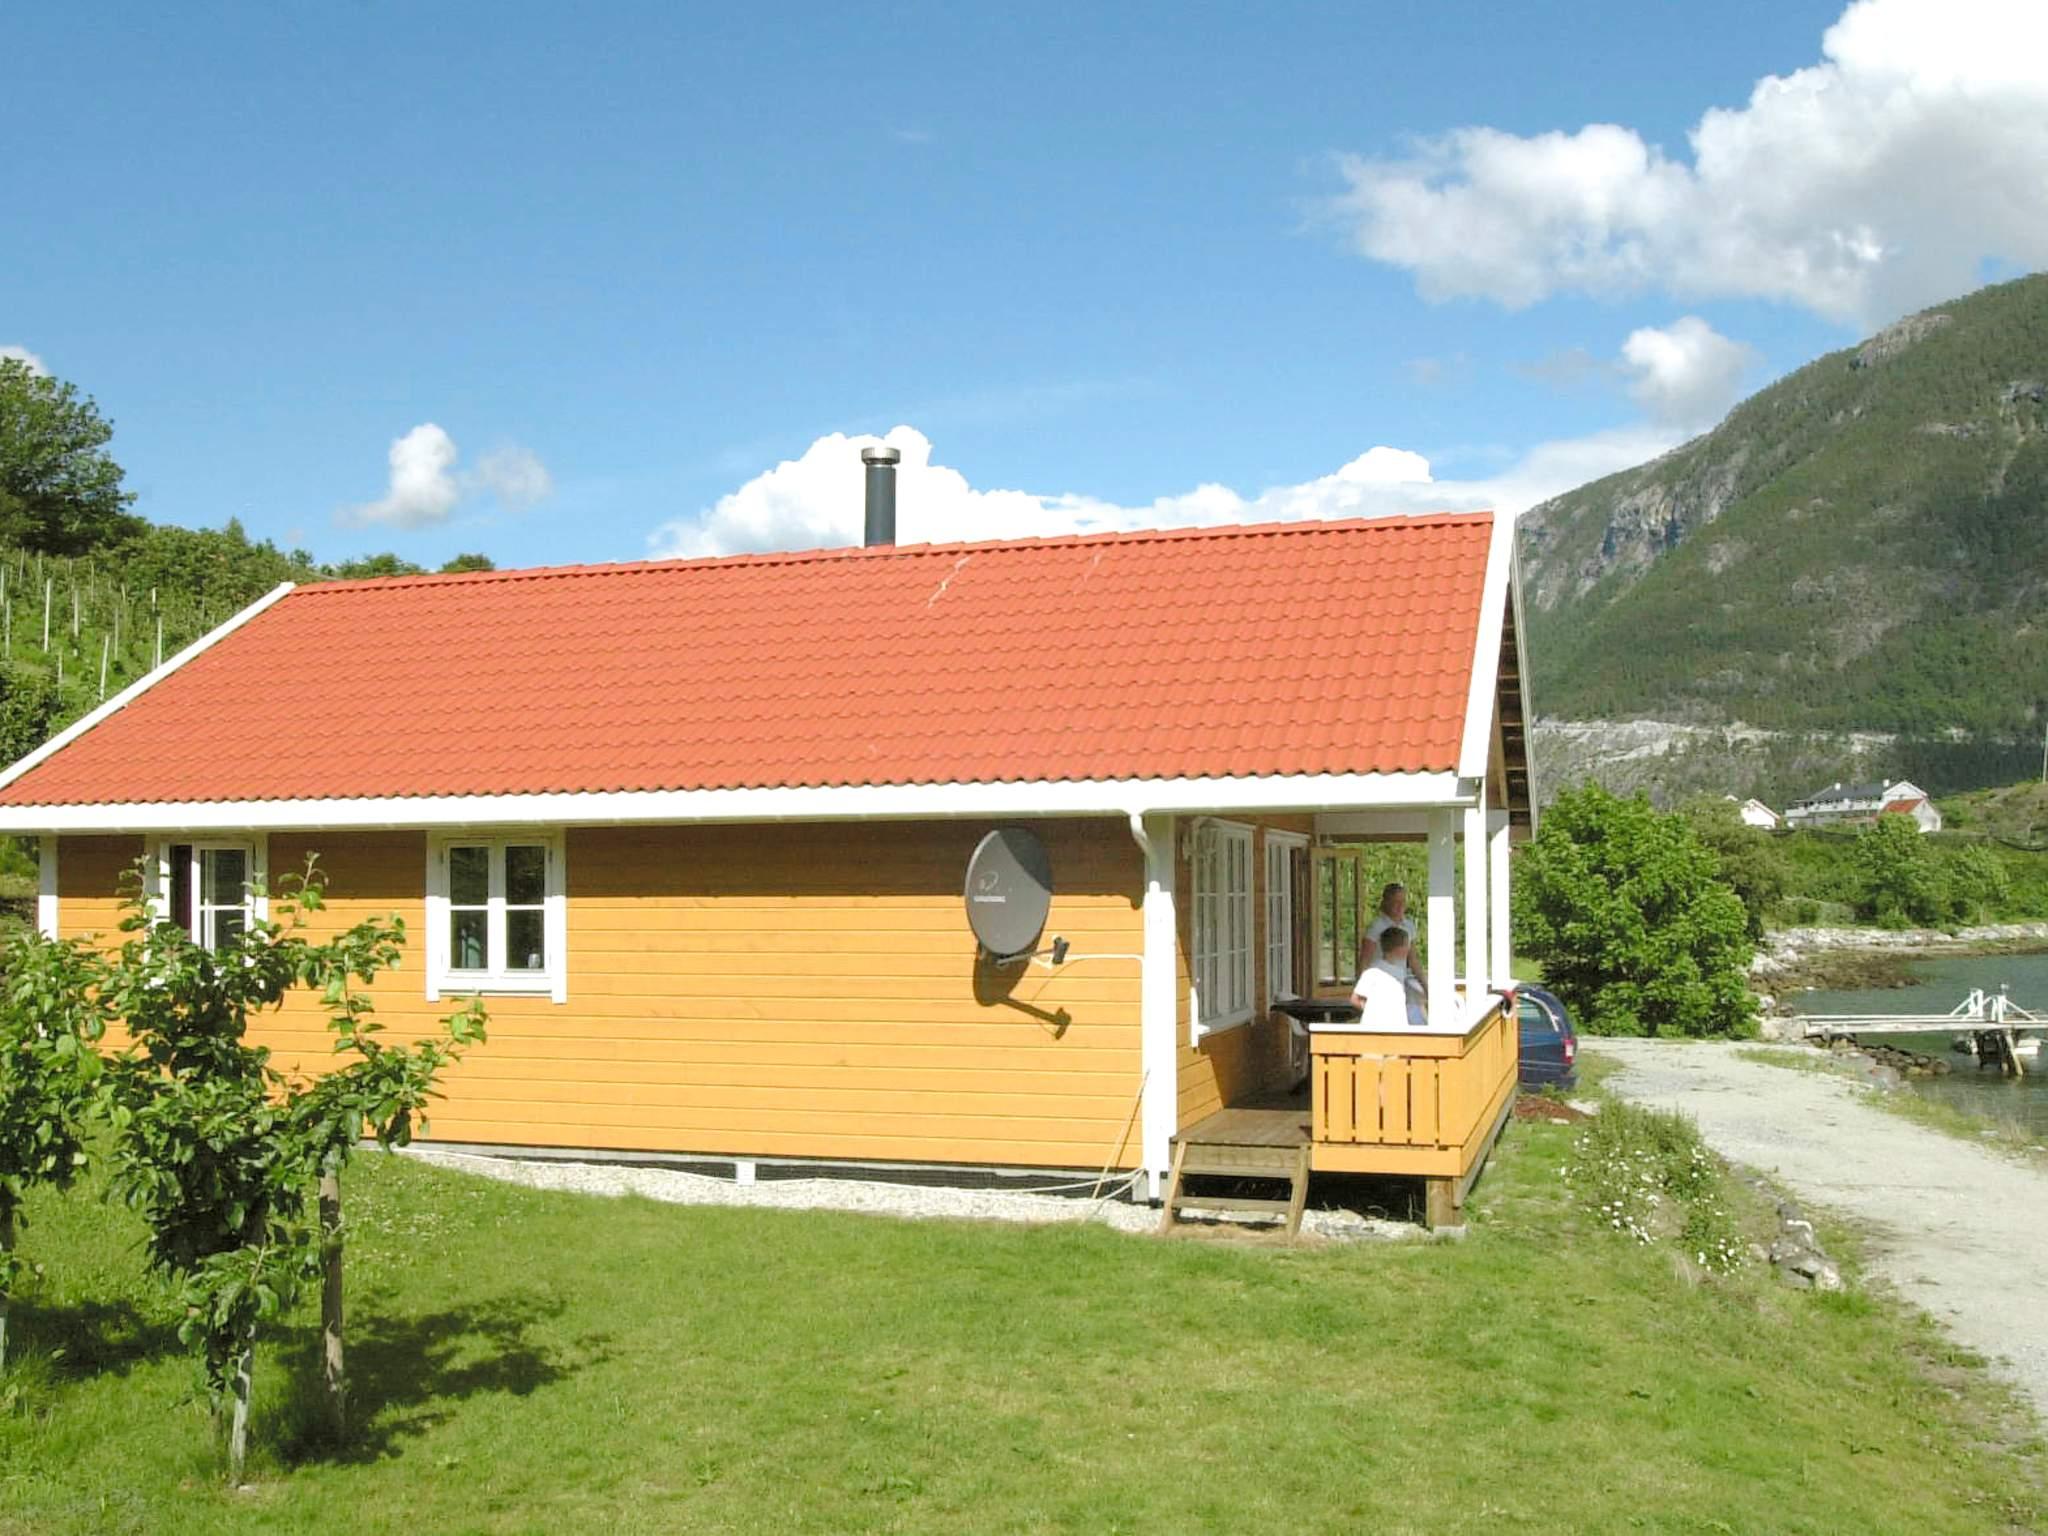 Ferienhaus Slinde (82396), Slinde, Sognefjord - Nordfjord, Westnorwegen, Norwegen, Bild 21